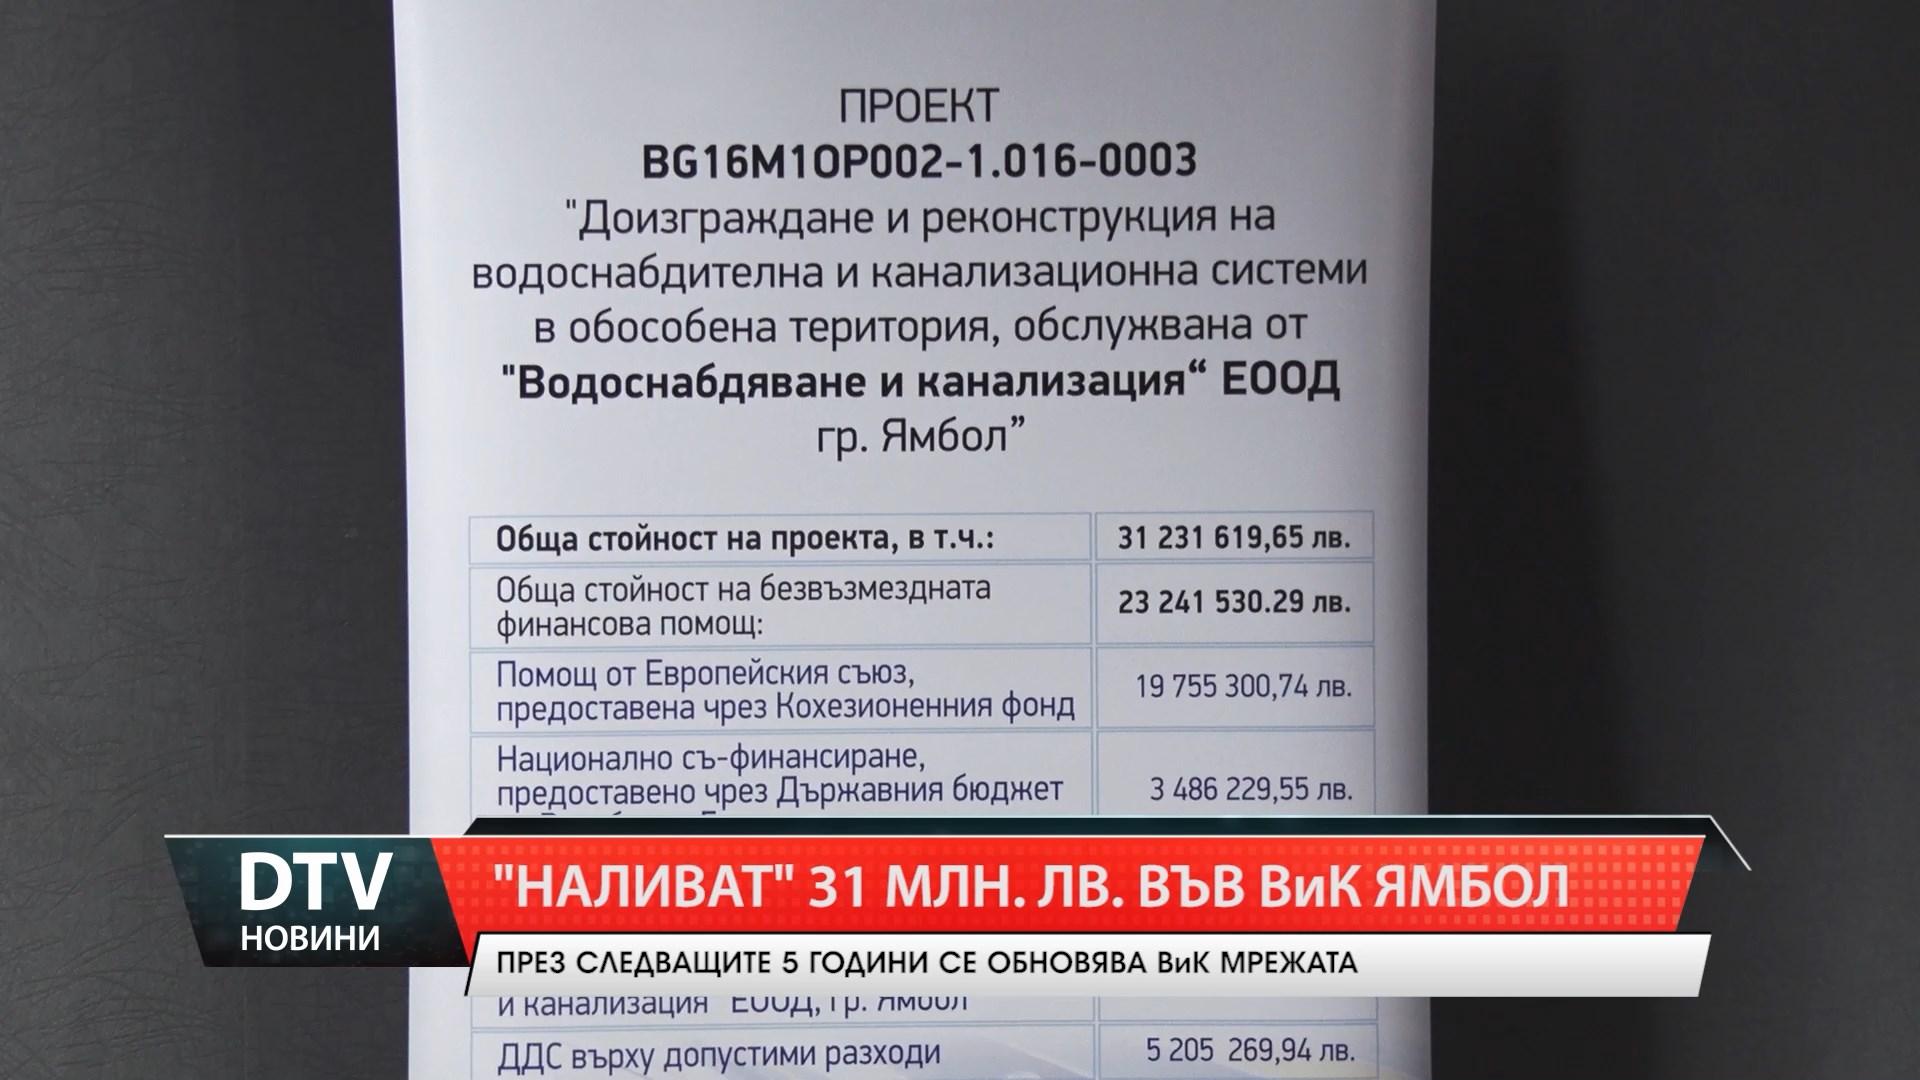 """""""Наливат"""" 31 млн. лв. във ВиК Ямбол. През следващите 5 години ще се обновява ВиК мрежата в Ямбол и Елхово"""